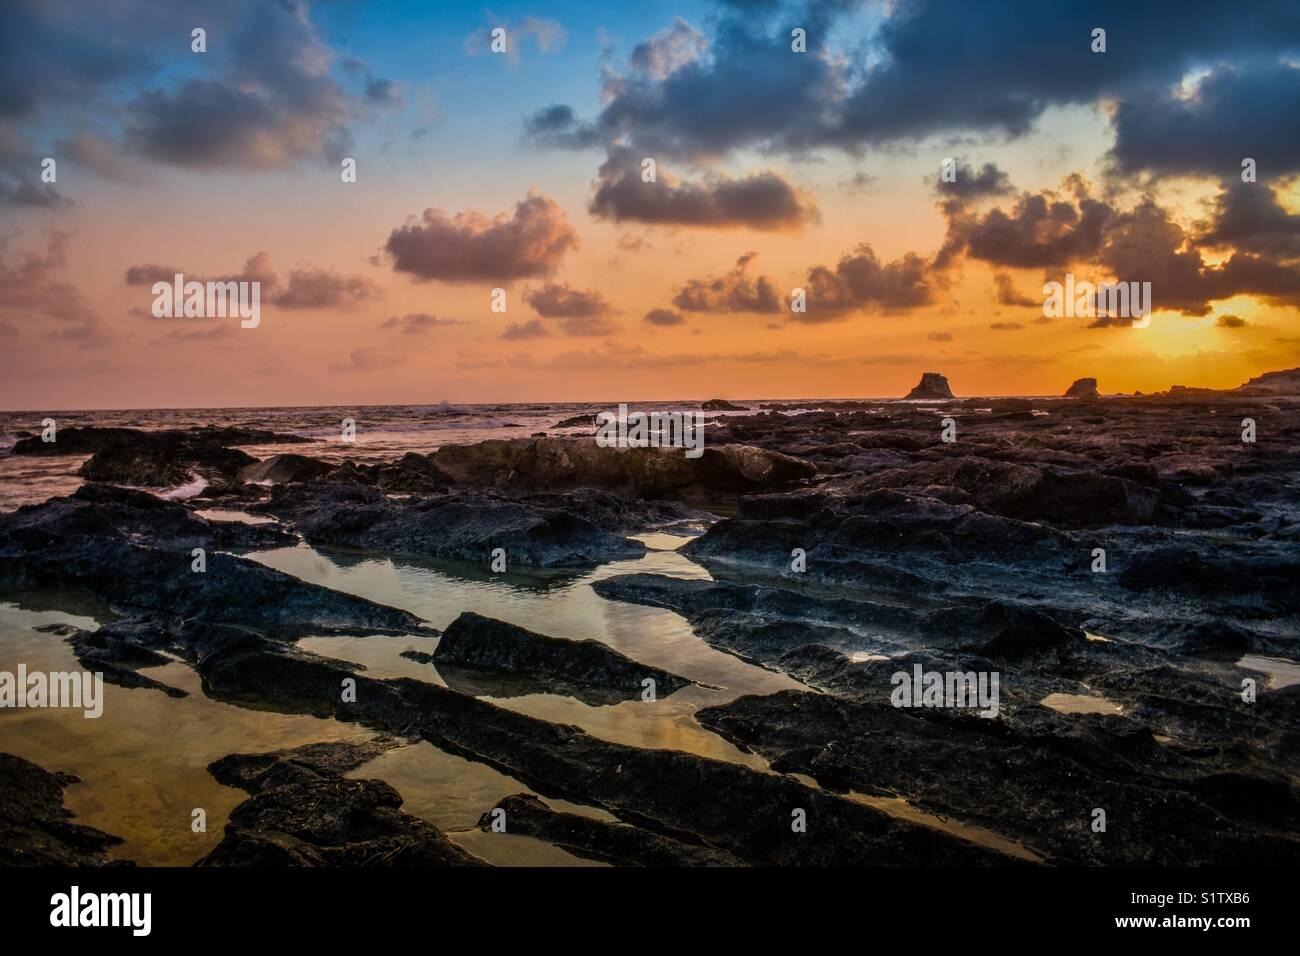 La mémoire est la quatrième dimension à n'importe quel paysage. Photo Stock